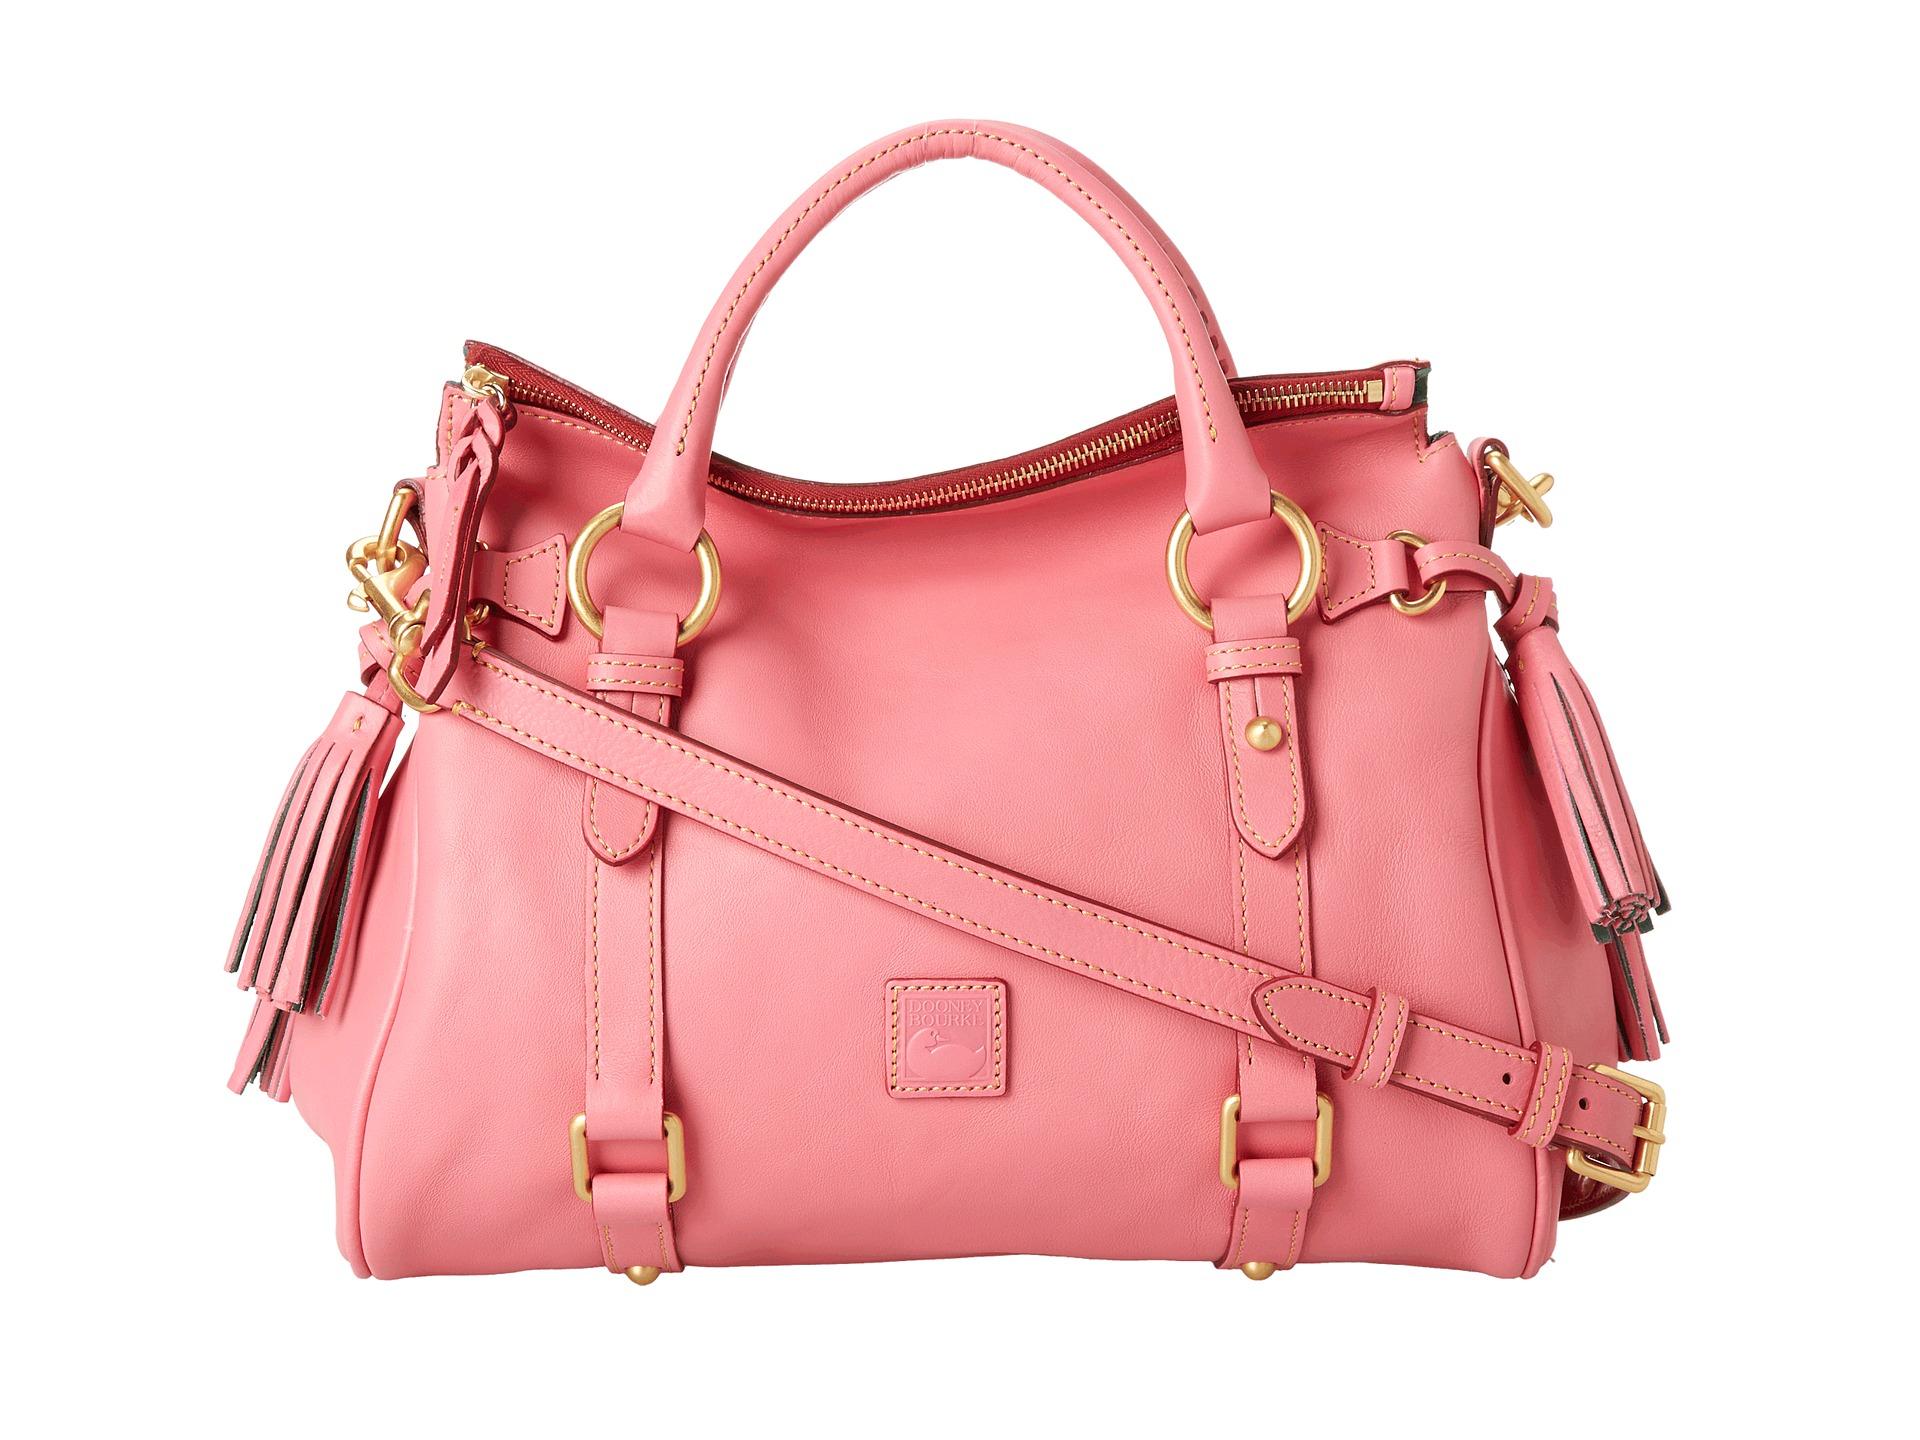 Lyst - Dooney & Bourke Florentine Small Satchel in Pink